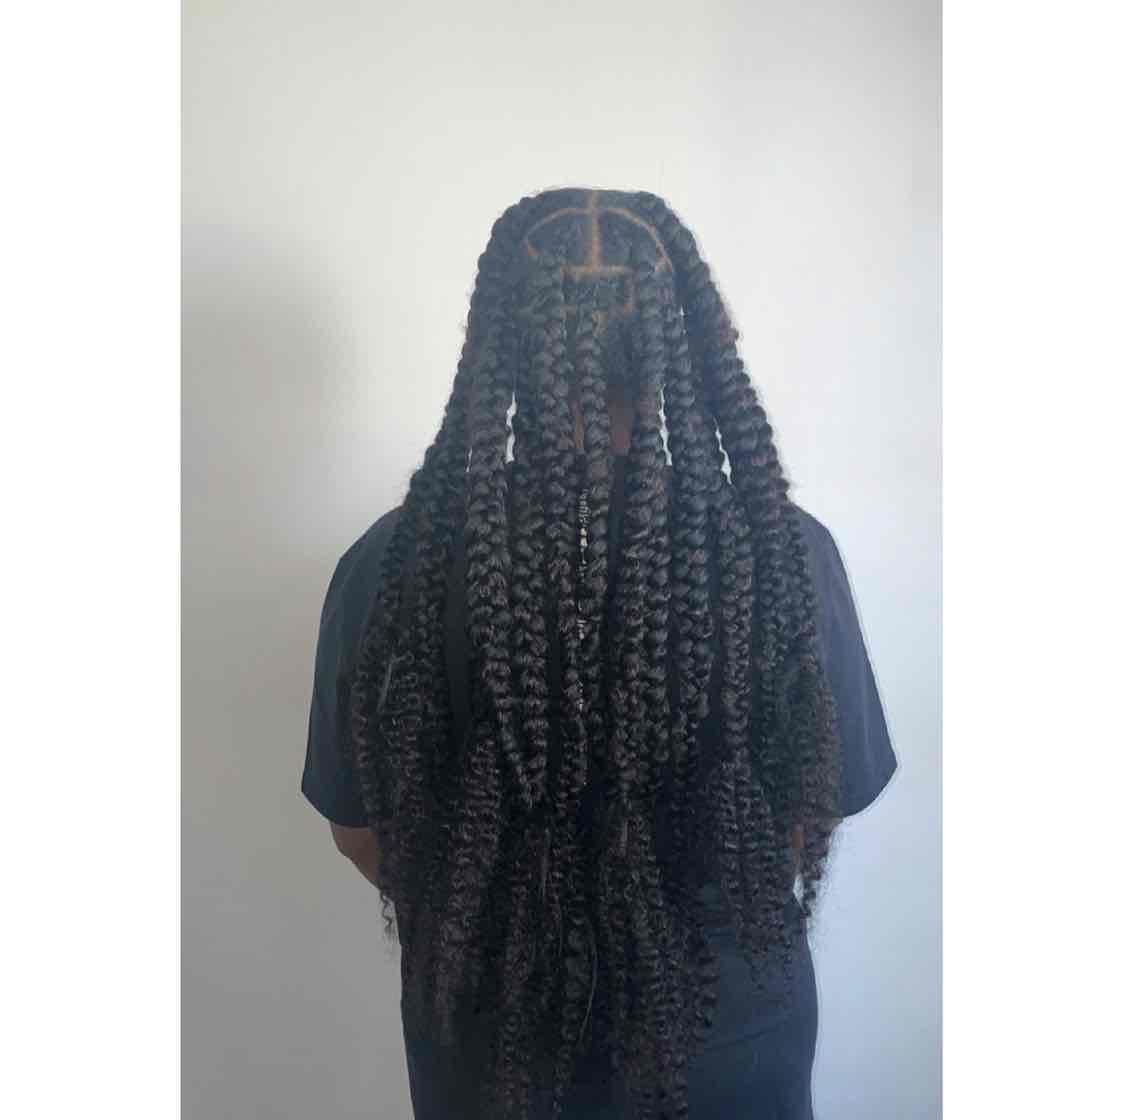 salon de coiffure afro tresse tresses box braids crochet braids vanilles tissages paris 75 77 78 91 92 93 94 95 OTYMPKSO